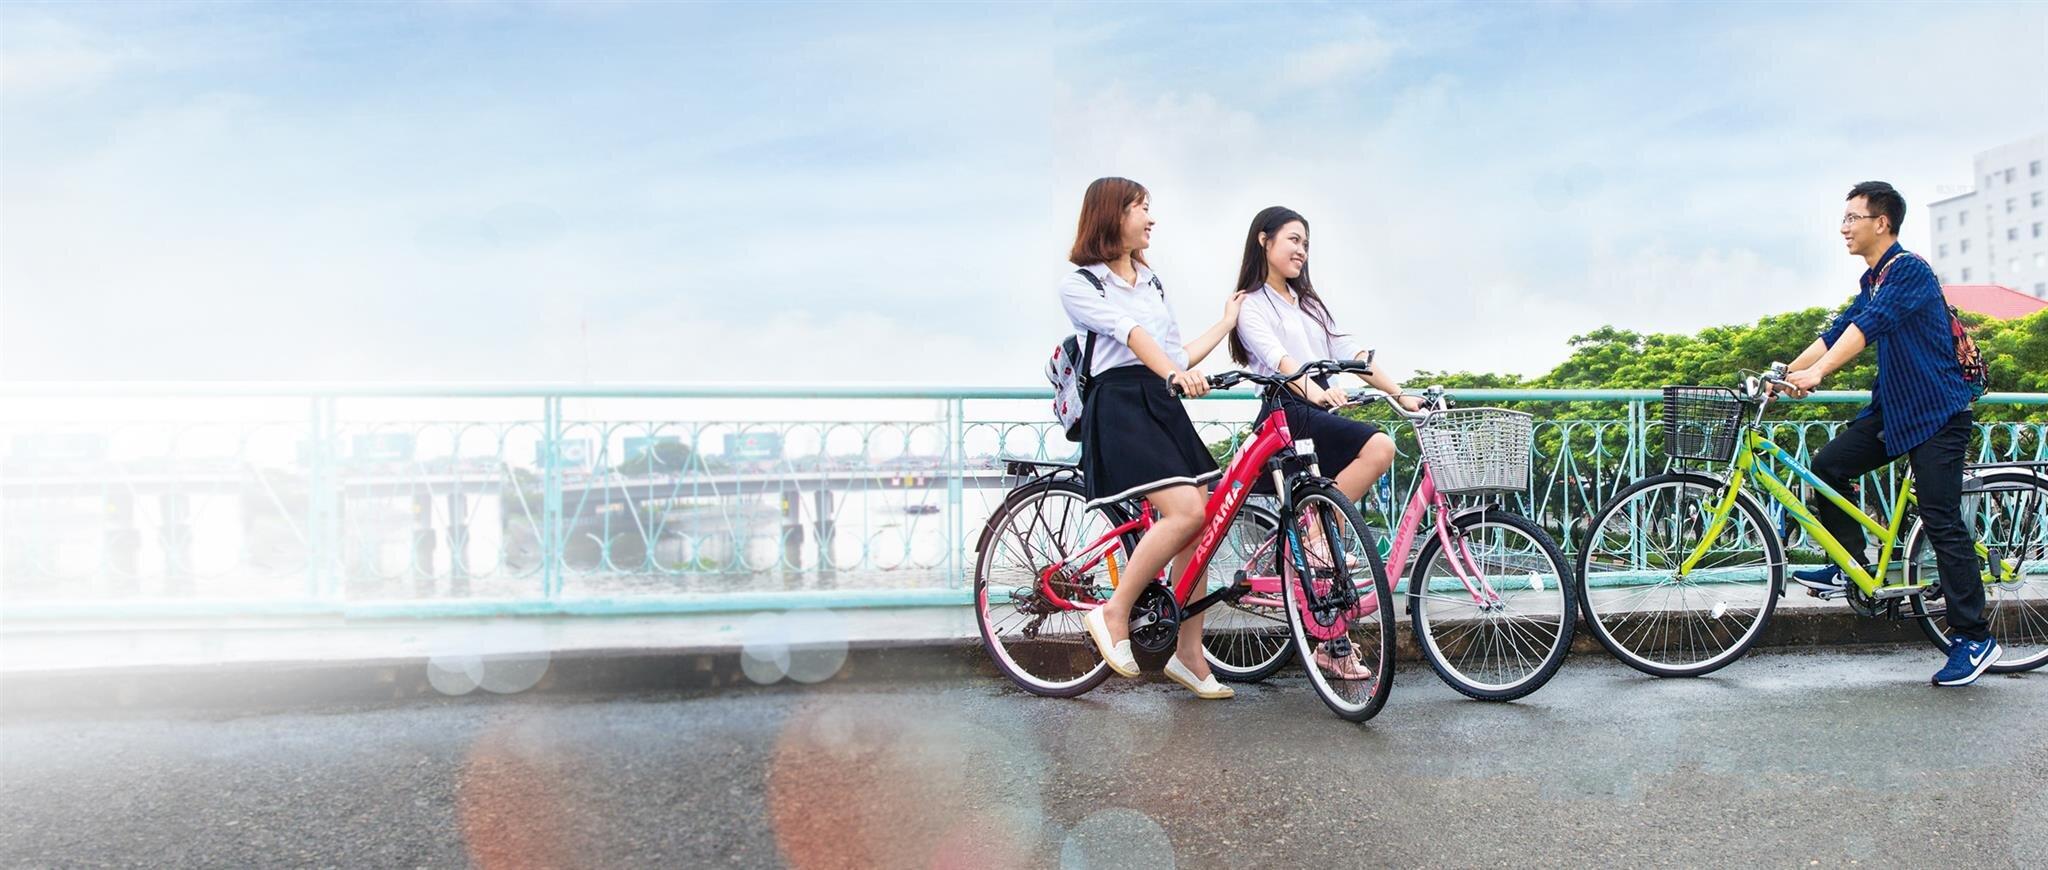 Có nên mua xe đạp điện Asama?